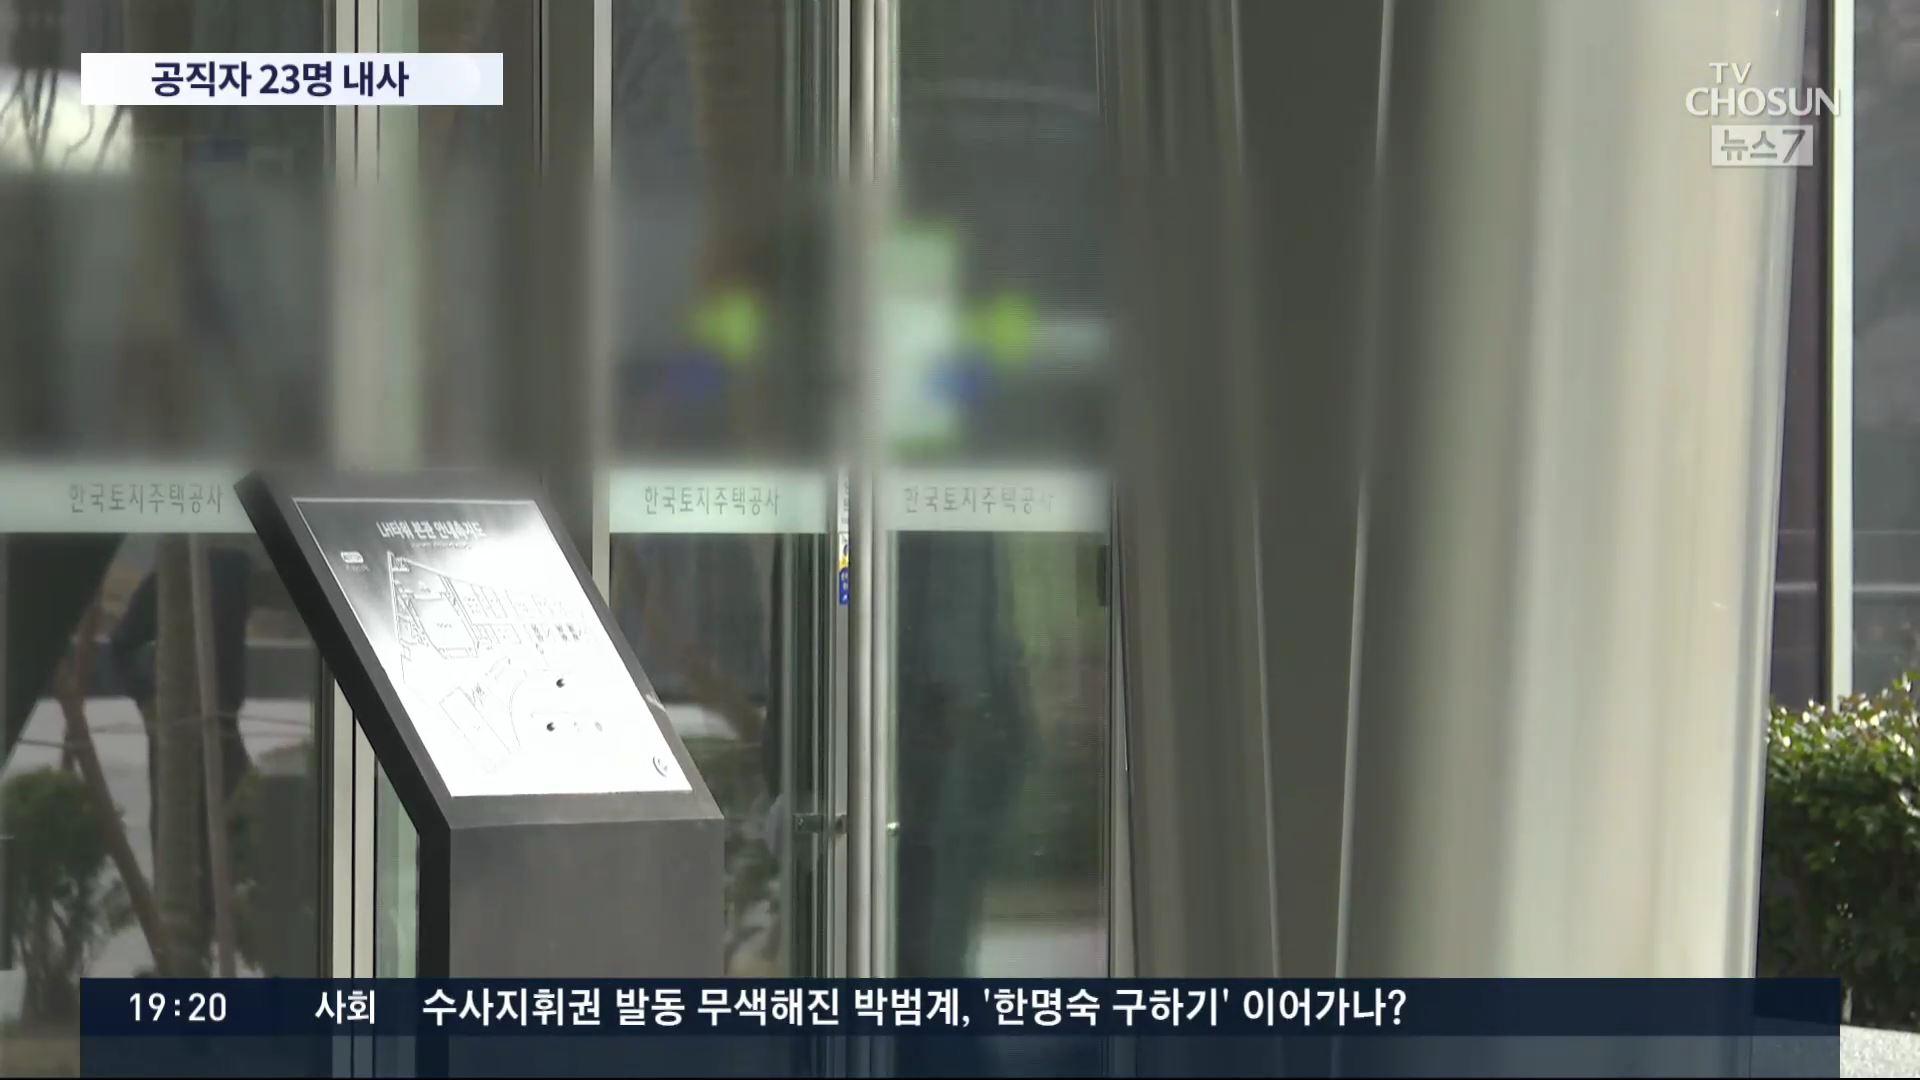 특수본, 2차 발표 '투기의혹' 공직자 23명 내사 착수